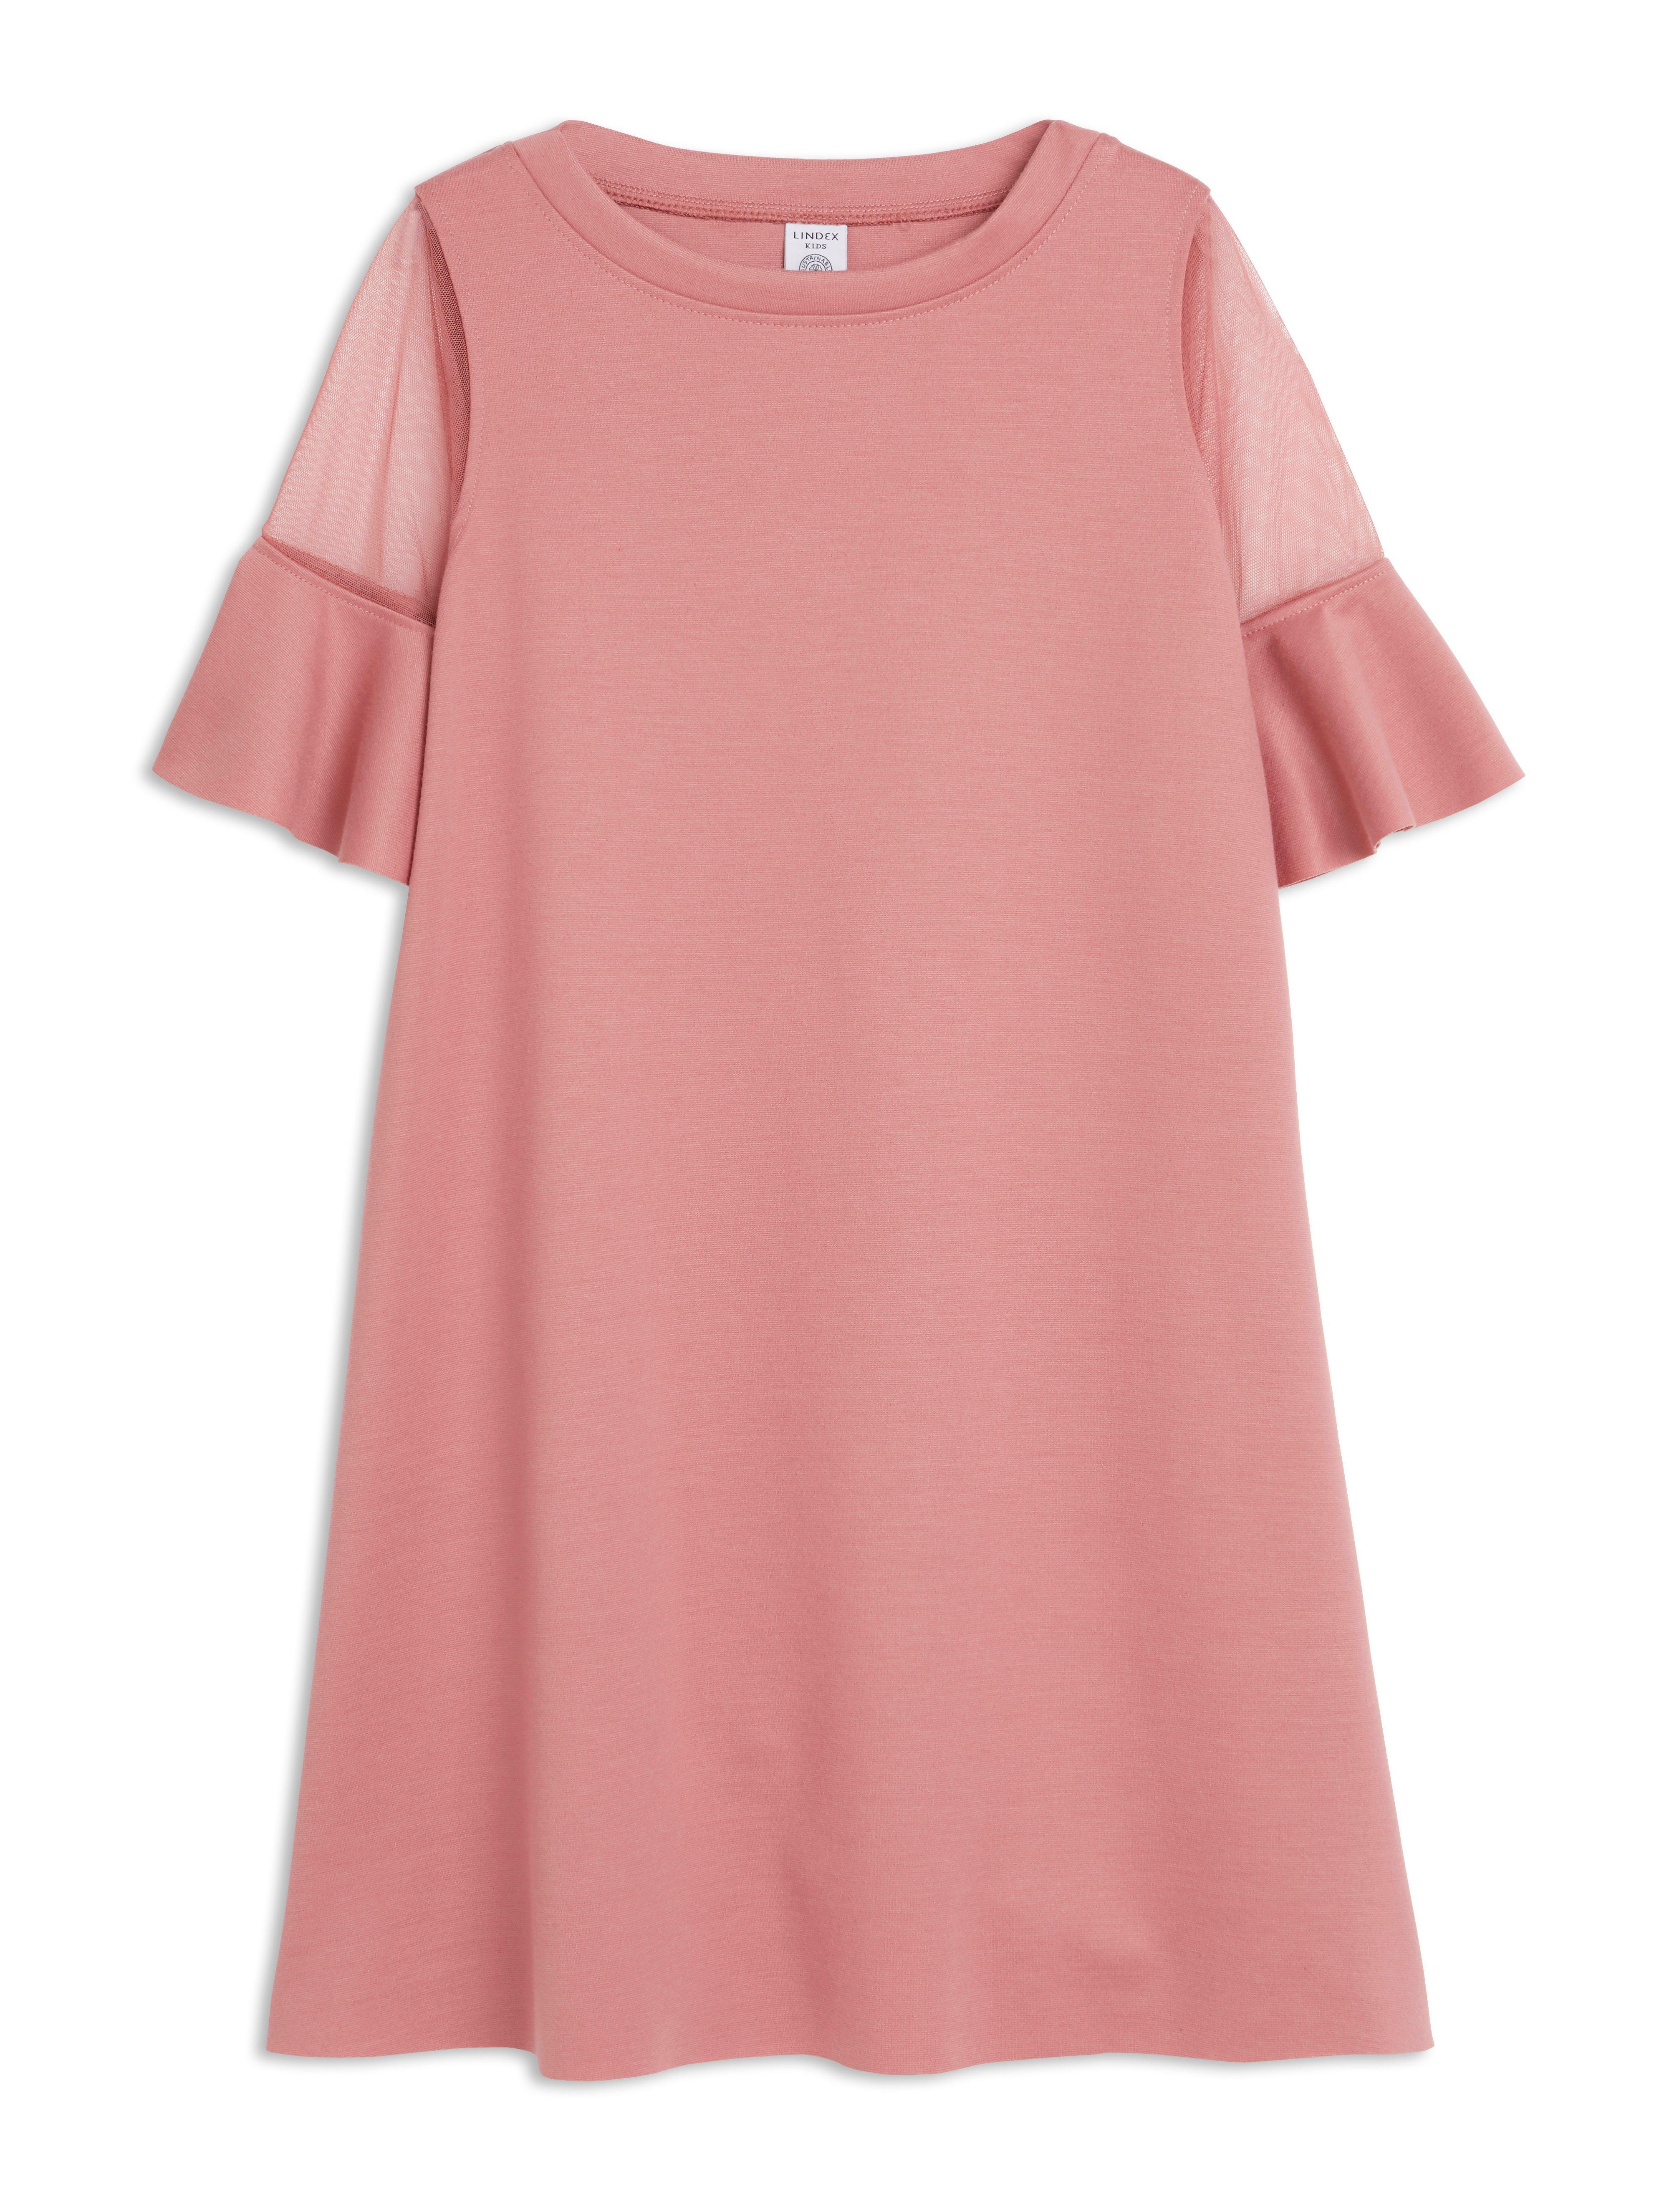 31165fcb65c6 KÖP för 99 kr (199 kr). Den här mjuka klänningen ...